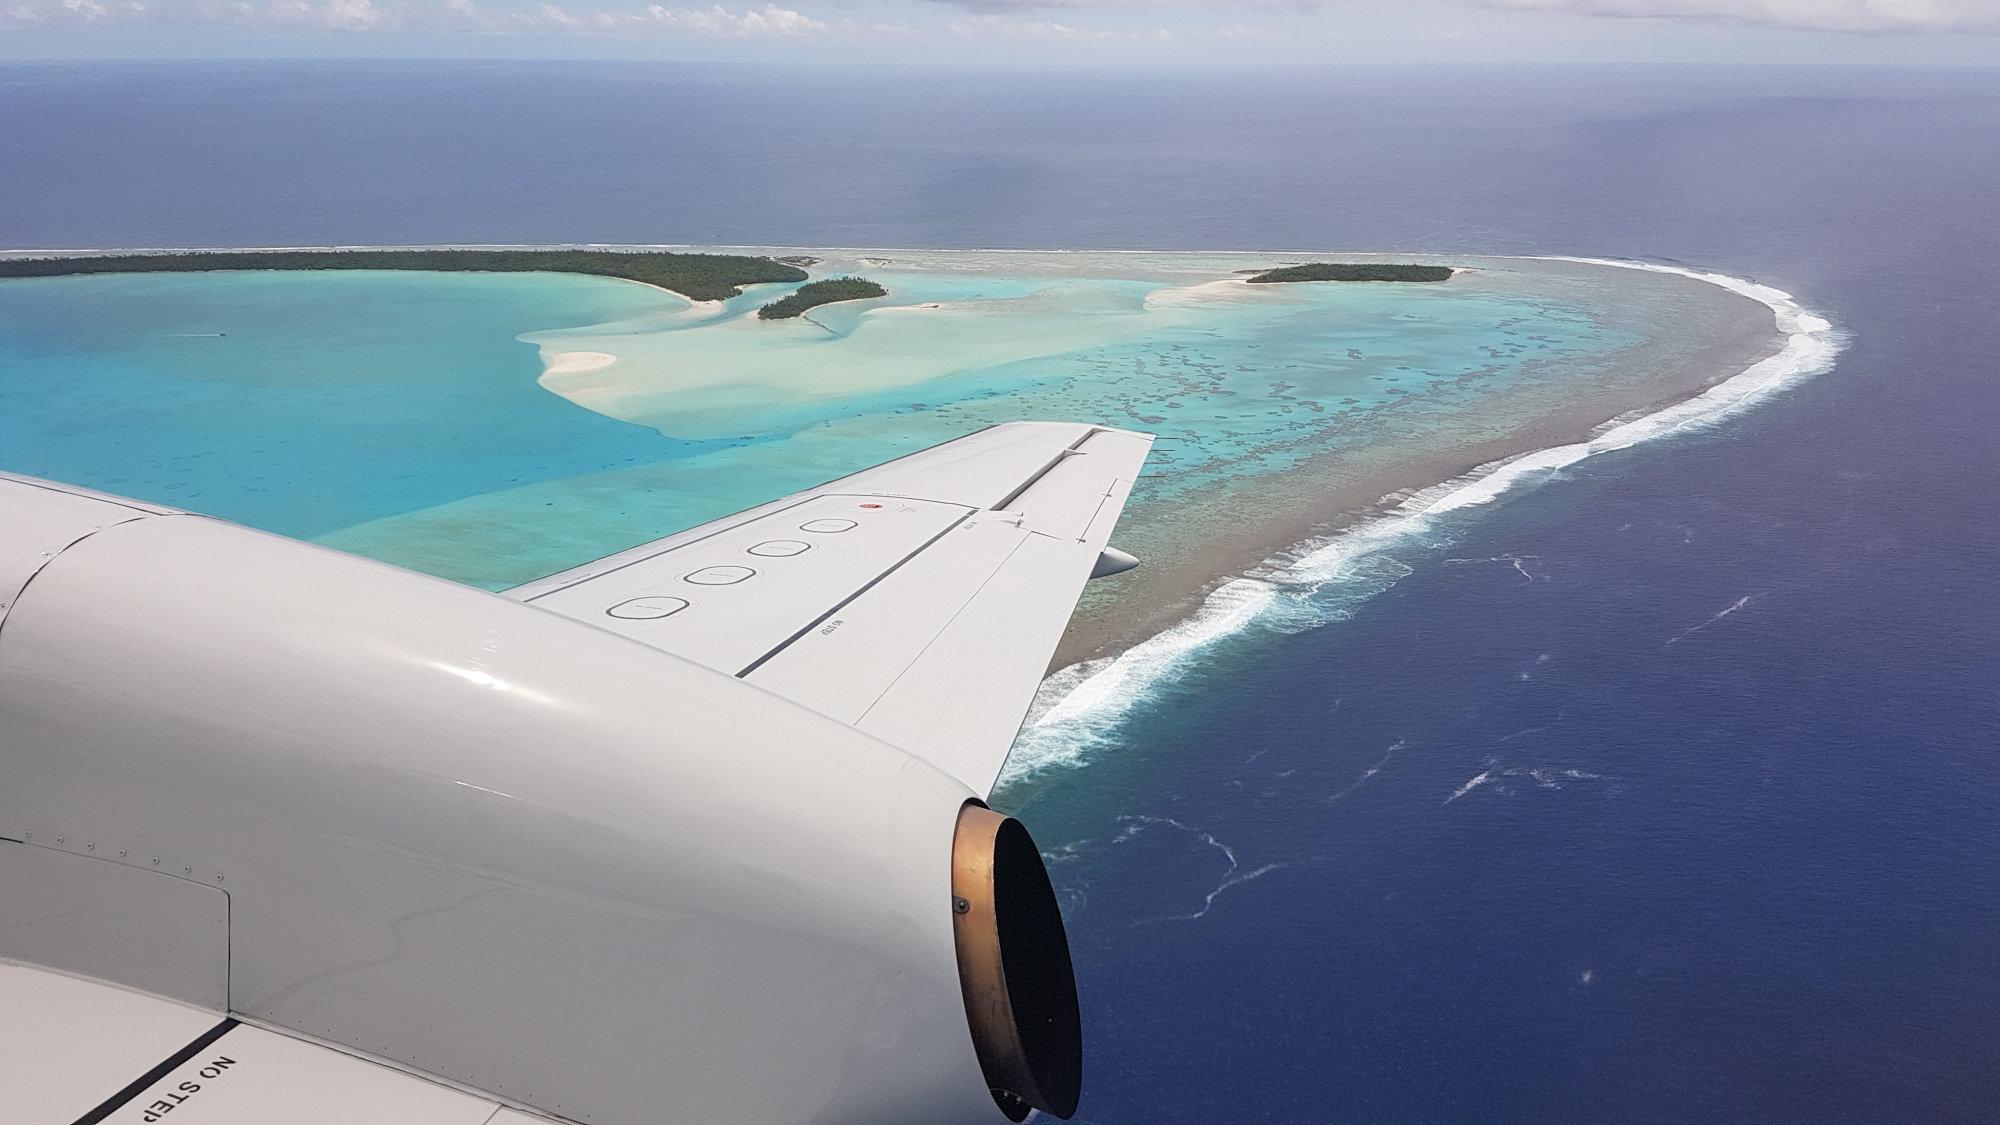 Approaching Aitutaki